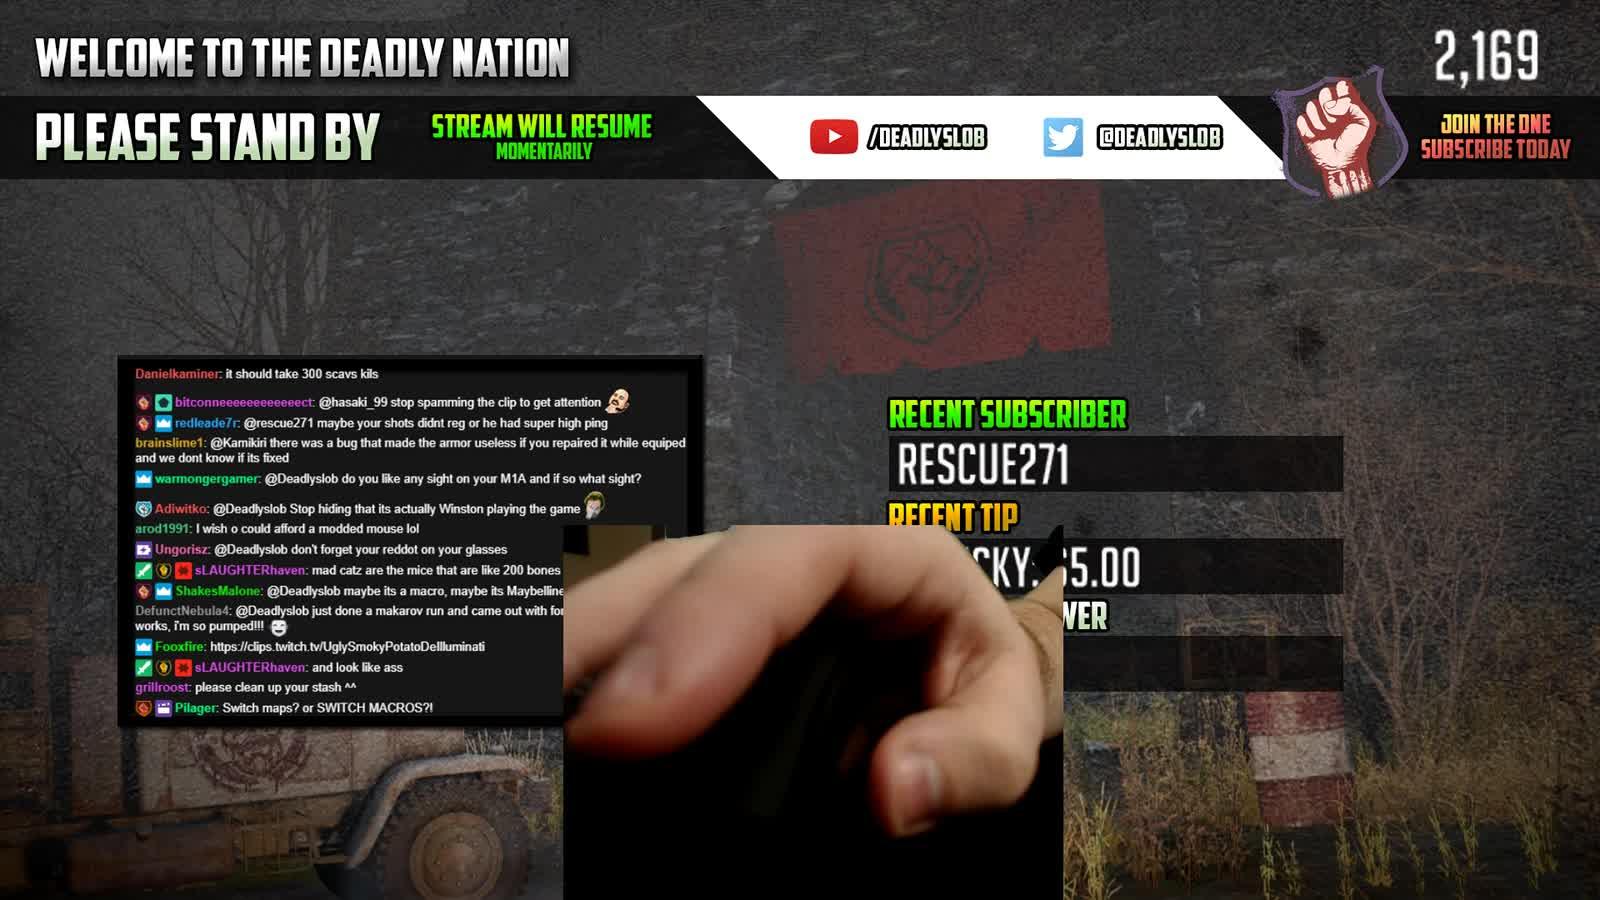 DeadlySlob Macroing CONFIRMED : EscapefromTarkov